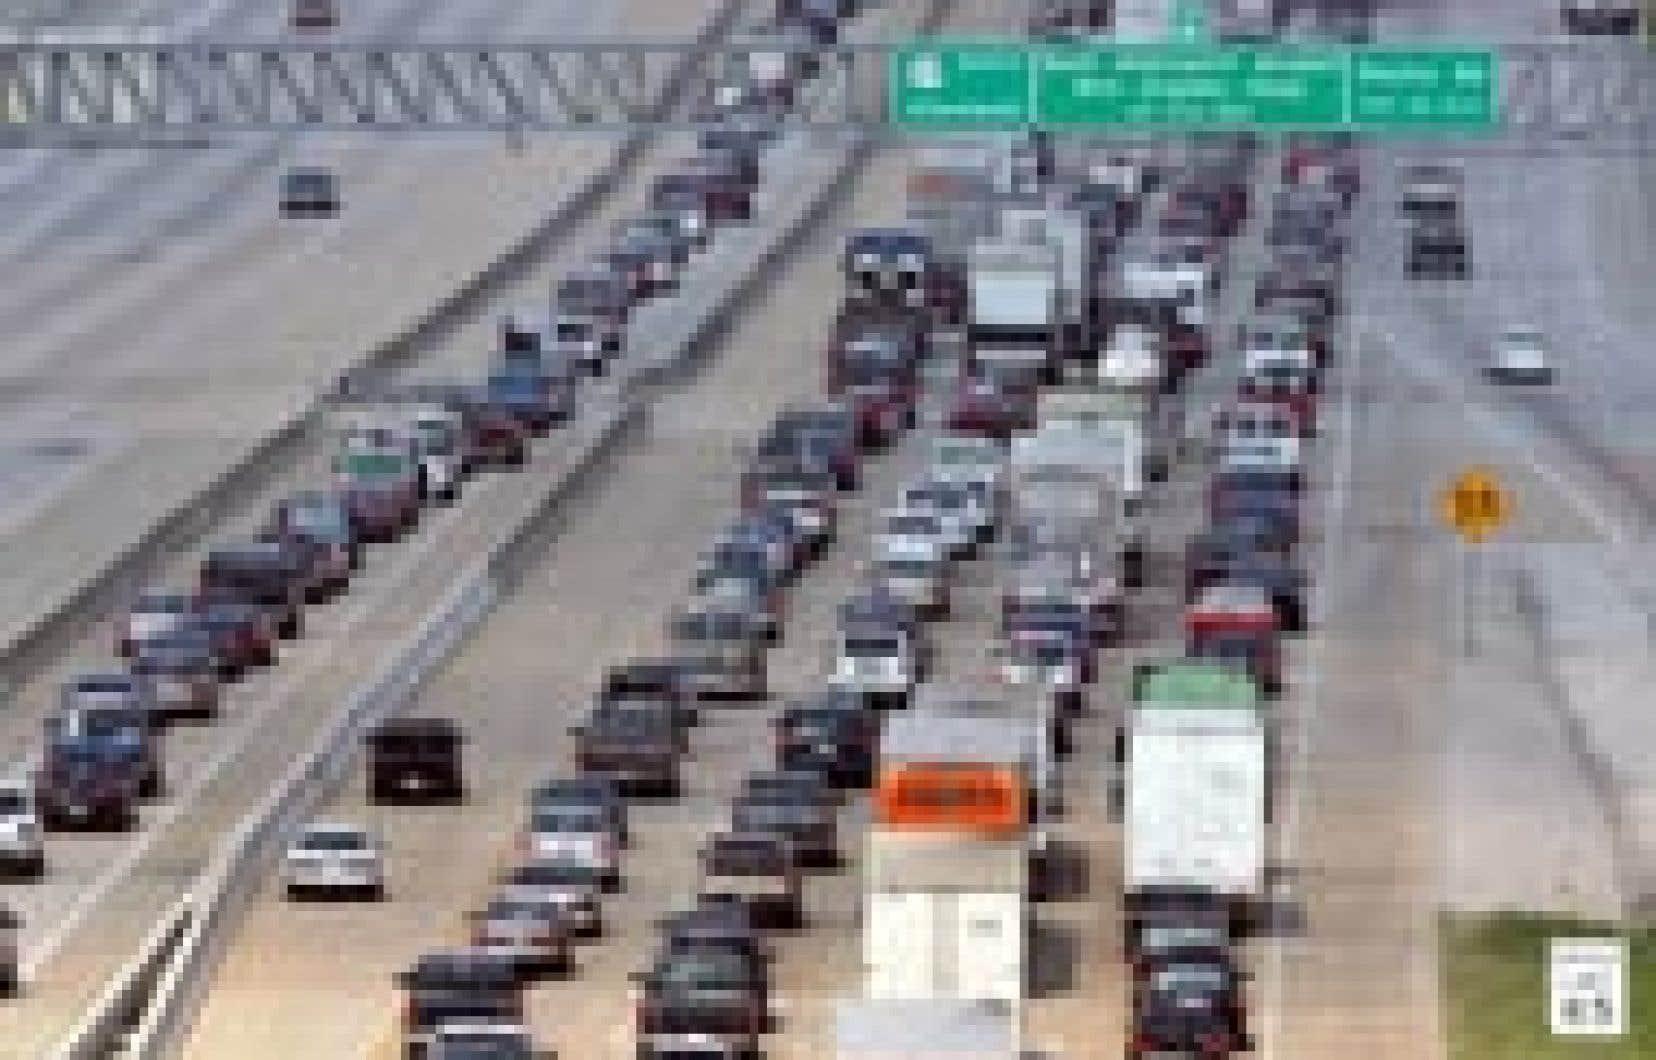 Des milliers d'automobilistes se sont jetés sur les autoroutes, fuyant avant que Rita ne les rejoigne.